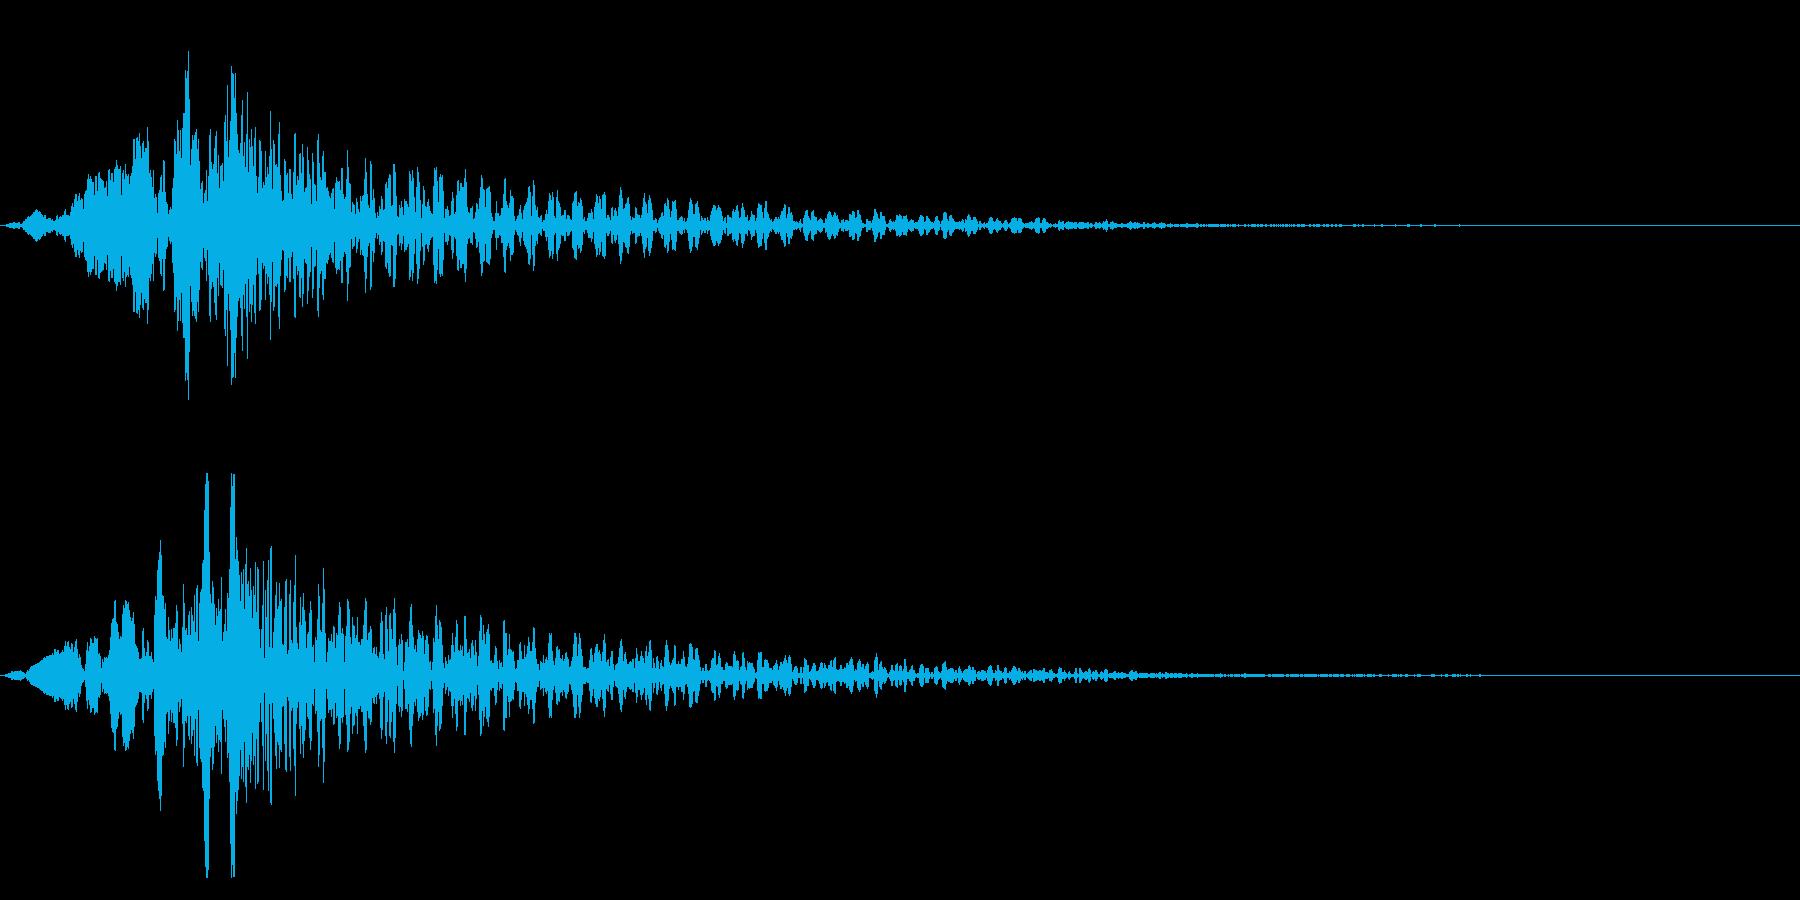 ホラー系アタック音139の再生済みの波形